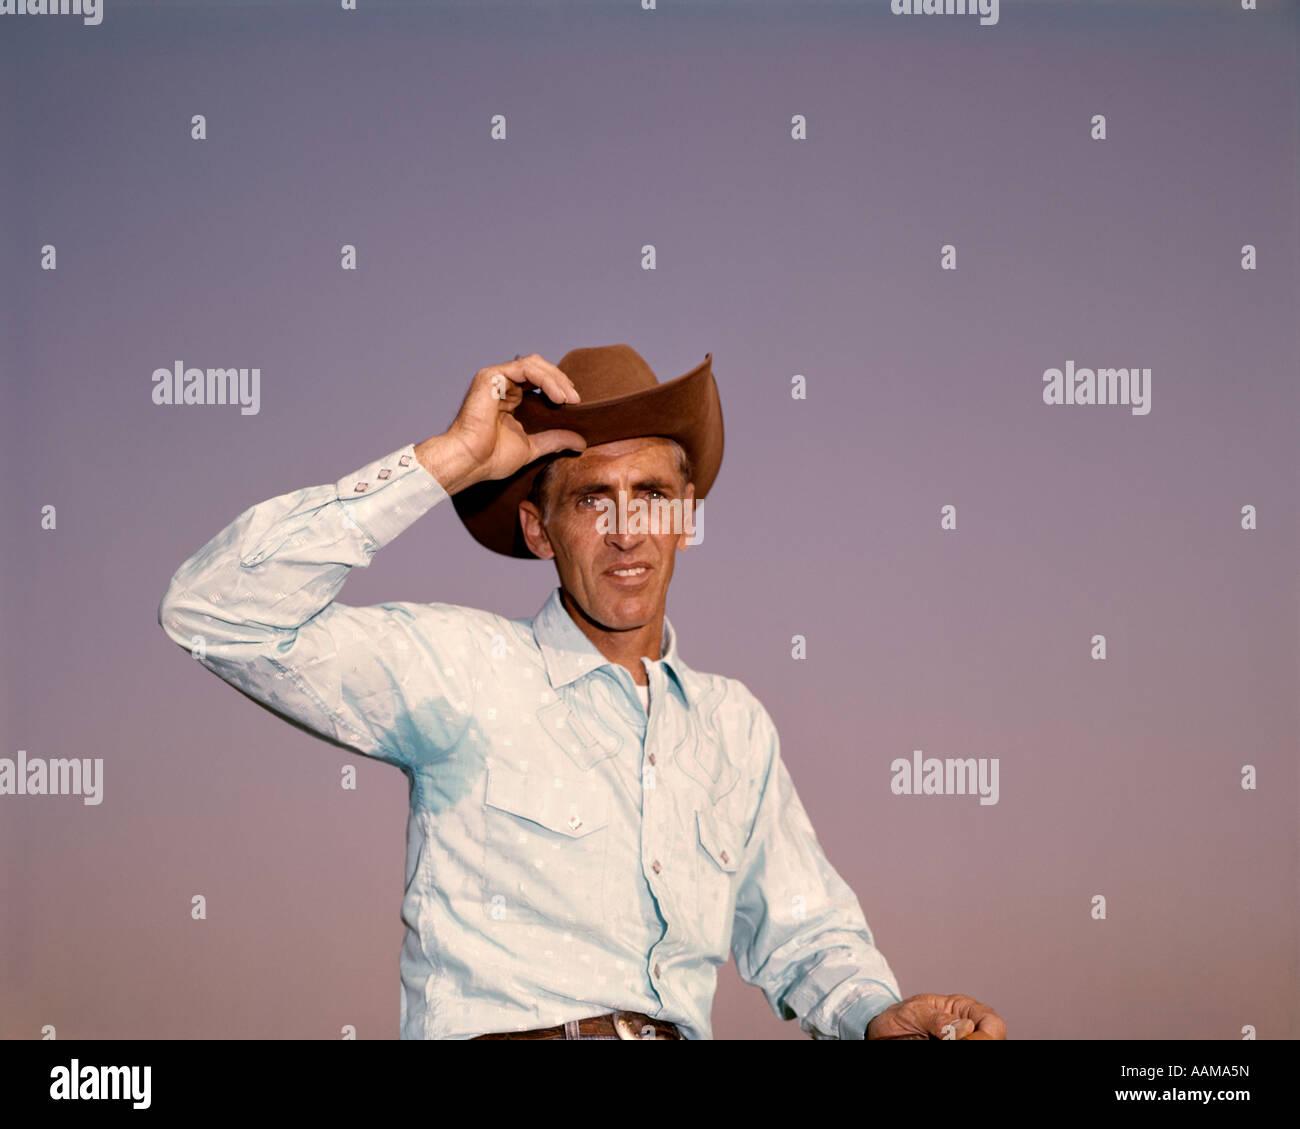 PORTRAIT MAN COWBOY HAT TILT 1960 1960s RETRO Stock Photo  12660320 ... d1126cdcc0b